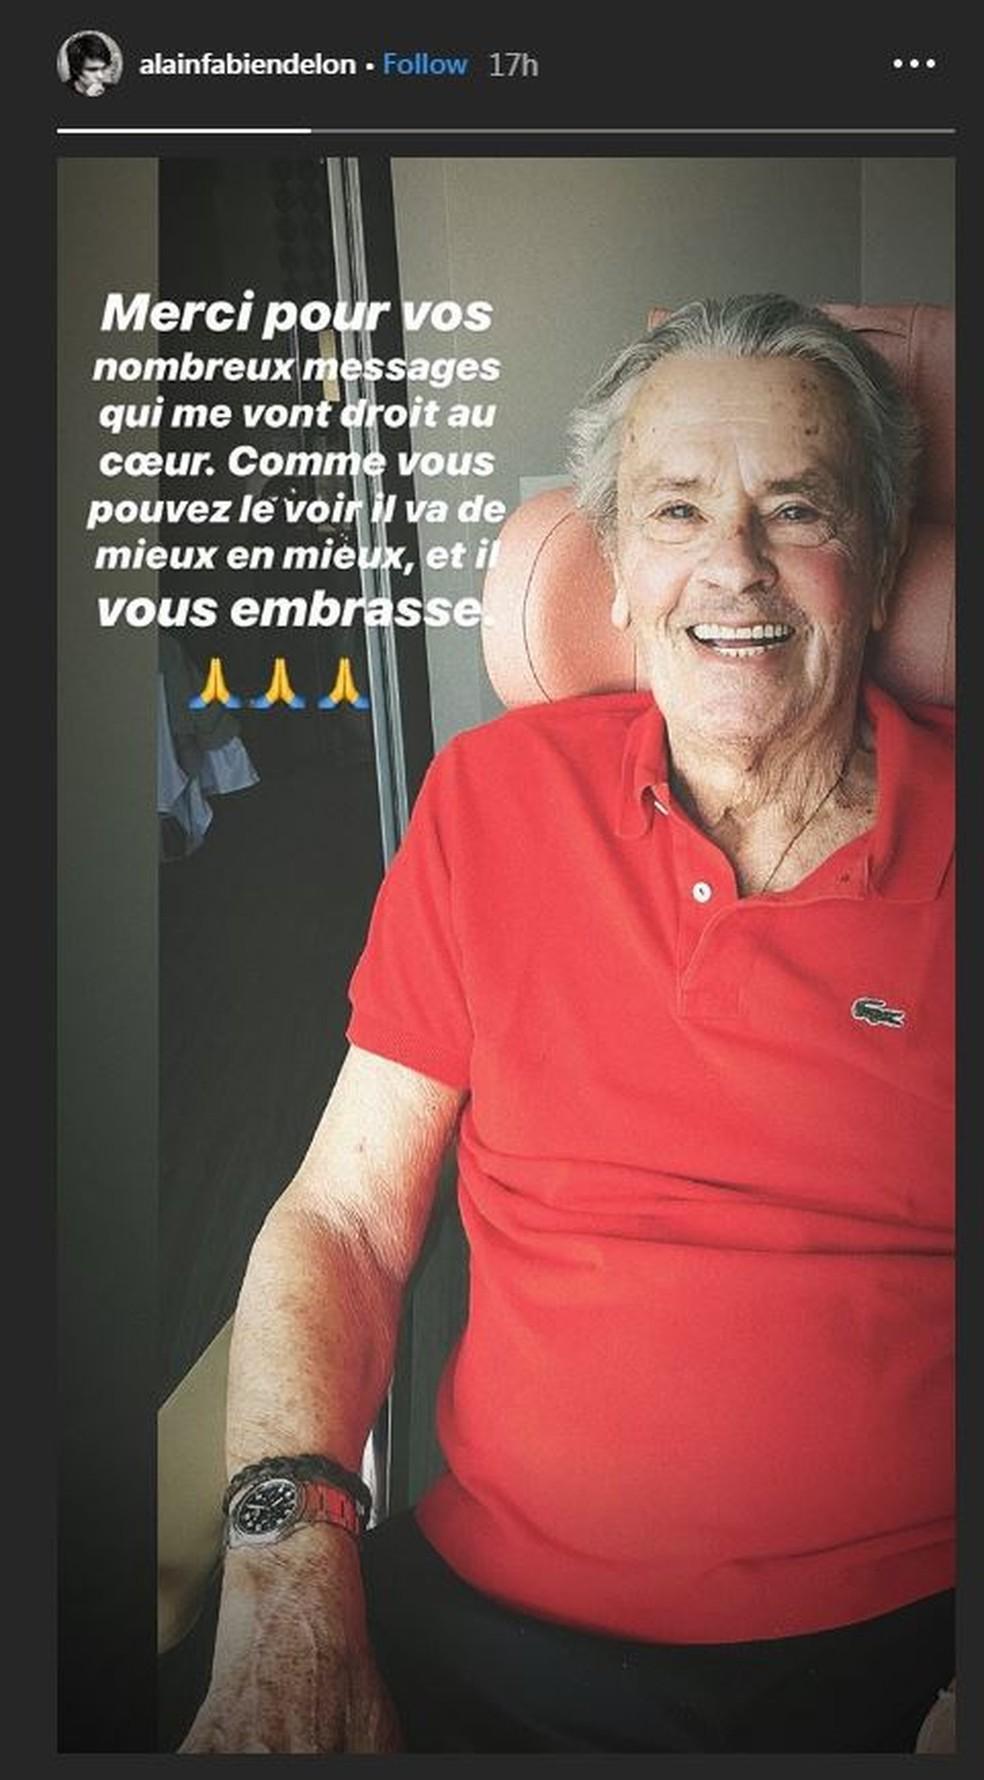 Alain Delon está 'cada vez melhor', afirma filho, após ator francês sofrer um AVC — Foto: Reprodução/Instagram